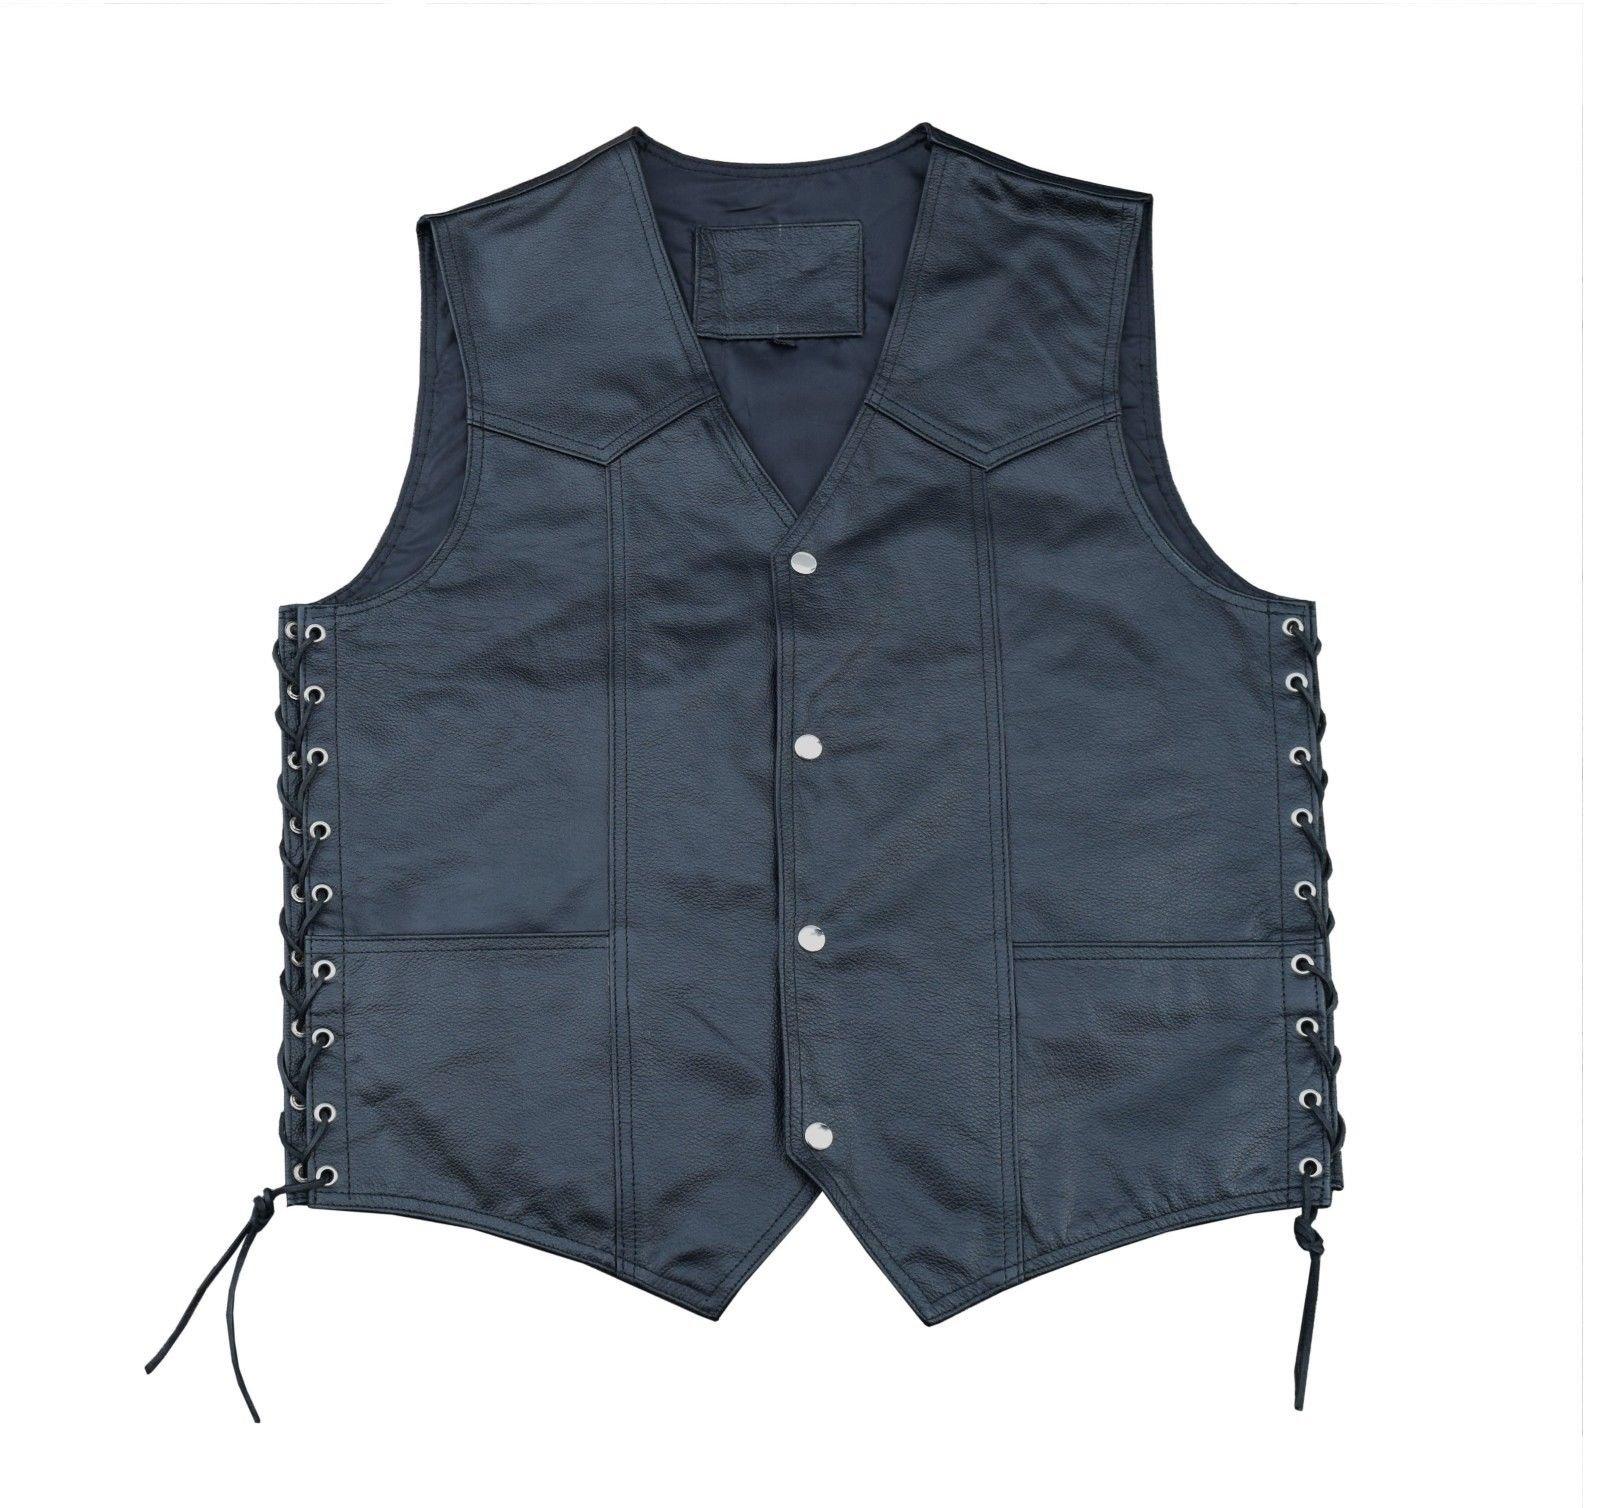 4Fit Men's Black Cowhide Leather Classic Motorcycle Side Laces Biker/Club Vest (5XL)